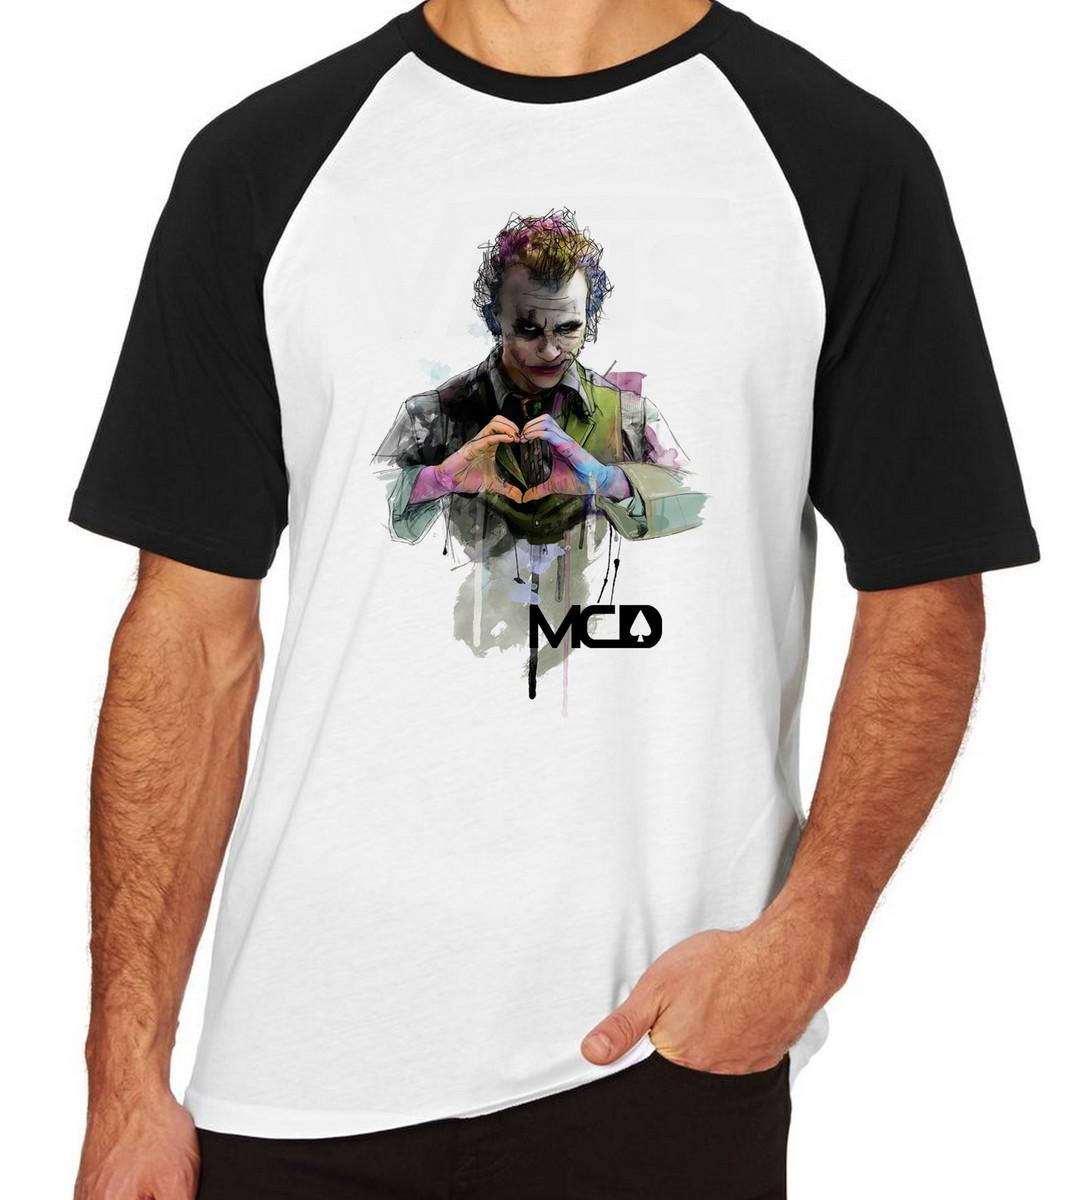 Camiseta Raglan Camisa Blusa MCD Coringa coração Palhaço no Elo7 ... 2ddde6b9bc5